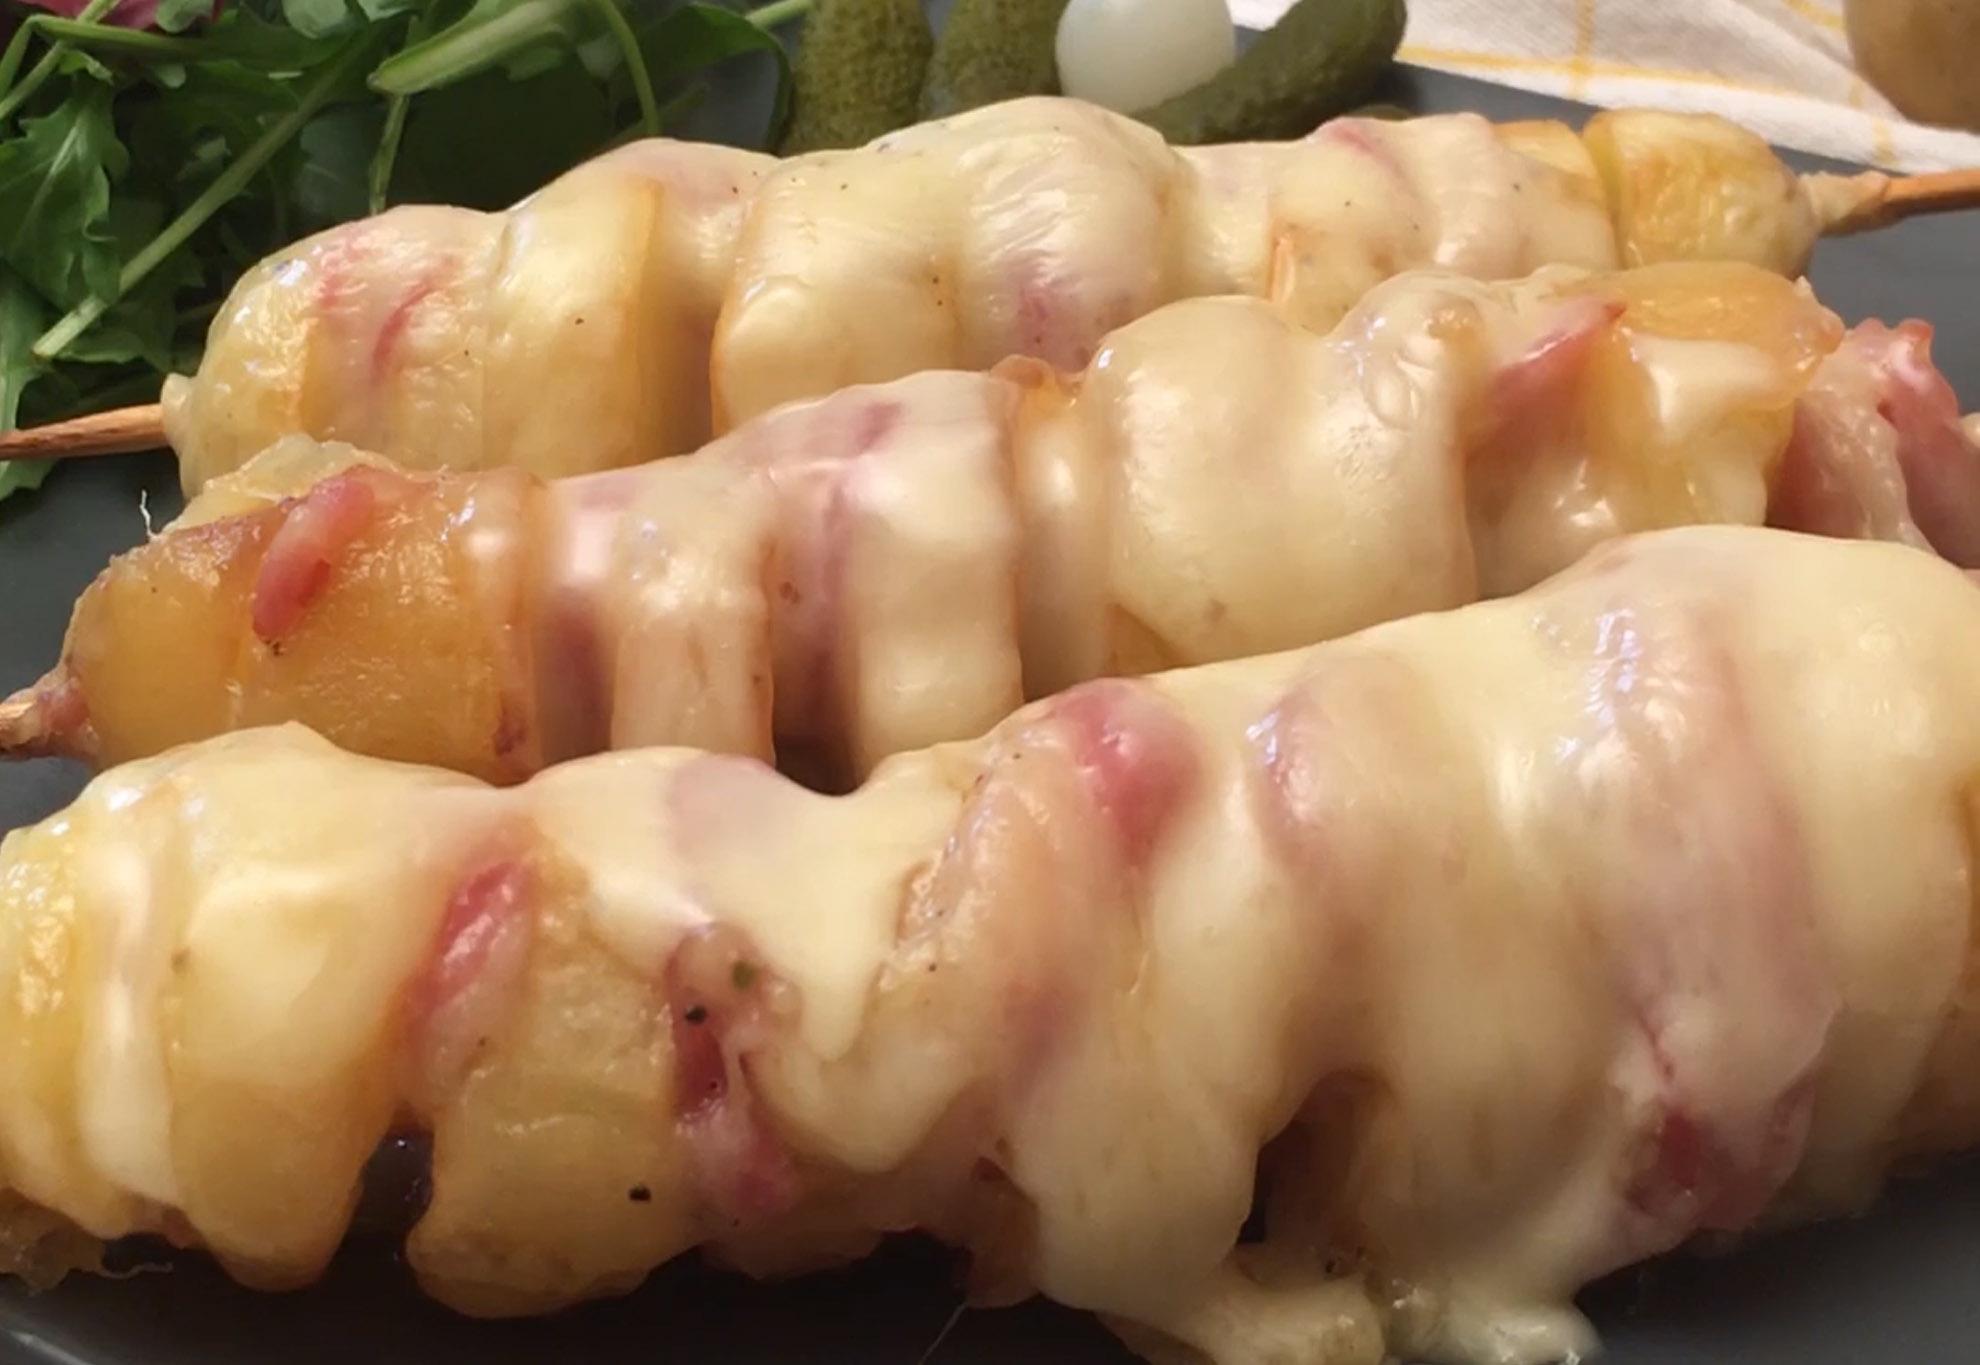 Krumpli nyársak